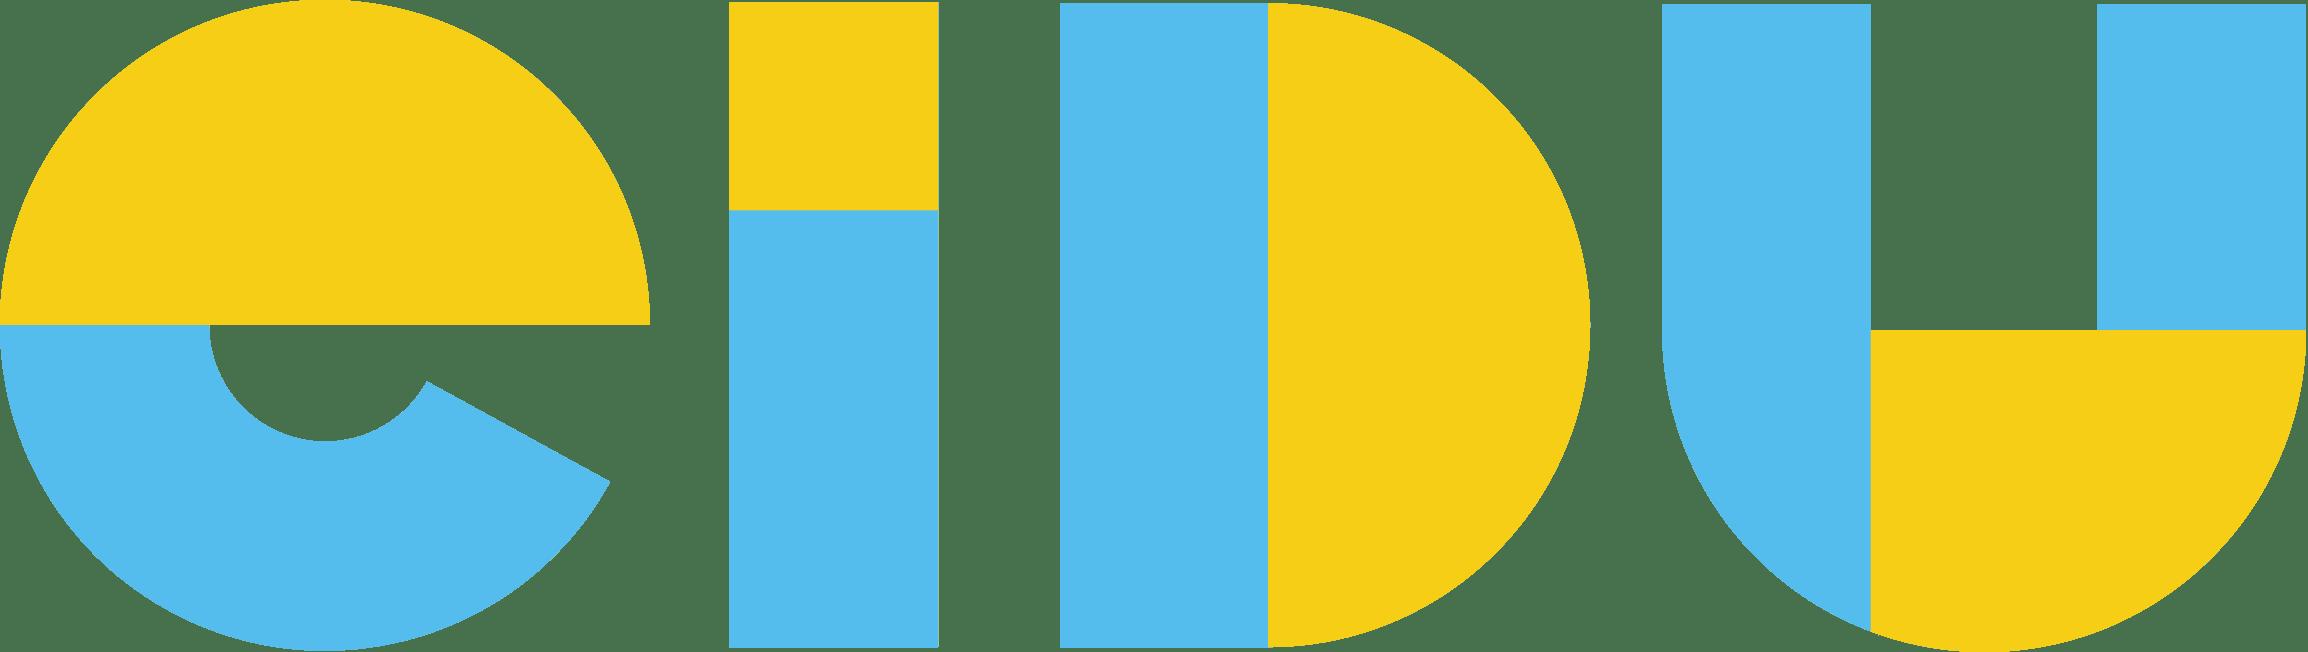 Eidu-logo